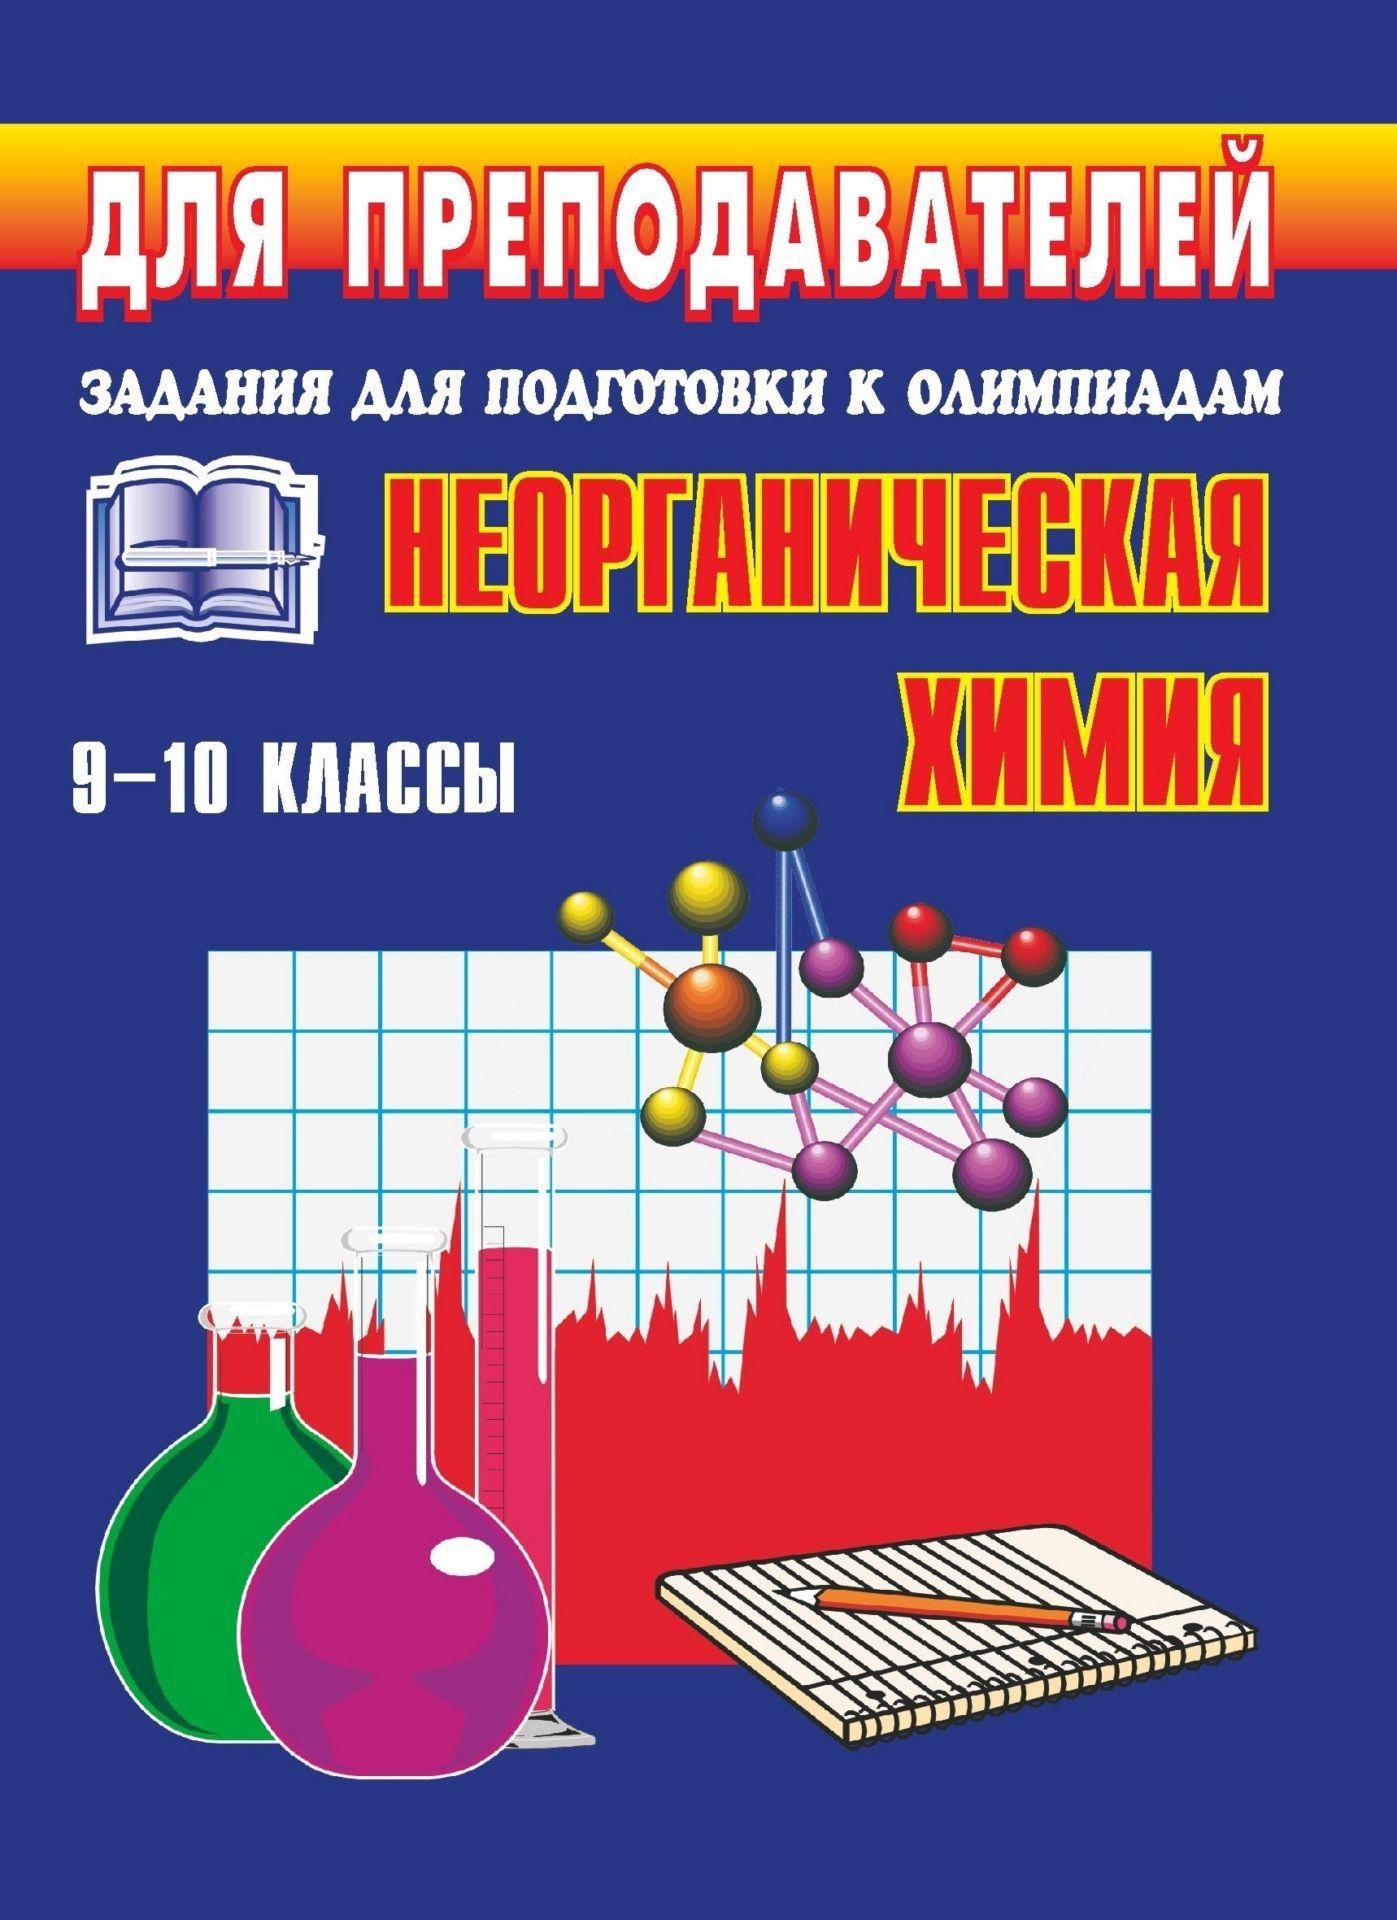 Олимпиадные задания по неорганической химии. 9-10 классыПредметы<br>Представленный в пособии материал ориентирован на проверку усвоения теоретического материала и навыков решения задач по химии.Темы и их последовательность полностью соответствуют программам по химии для 9-10 классов общеобразовательных школ, гимназий и ли...<br><br>Авторы: Савин Г. А.<br>Год: 2007<br>Серия: Для преподавателей<br>ISBN: 5-7057-0454-2<br>Высота: 195<br>Ширина: 140<br>Толщина: 3